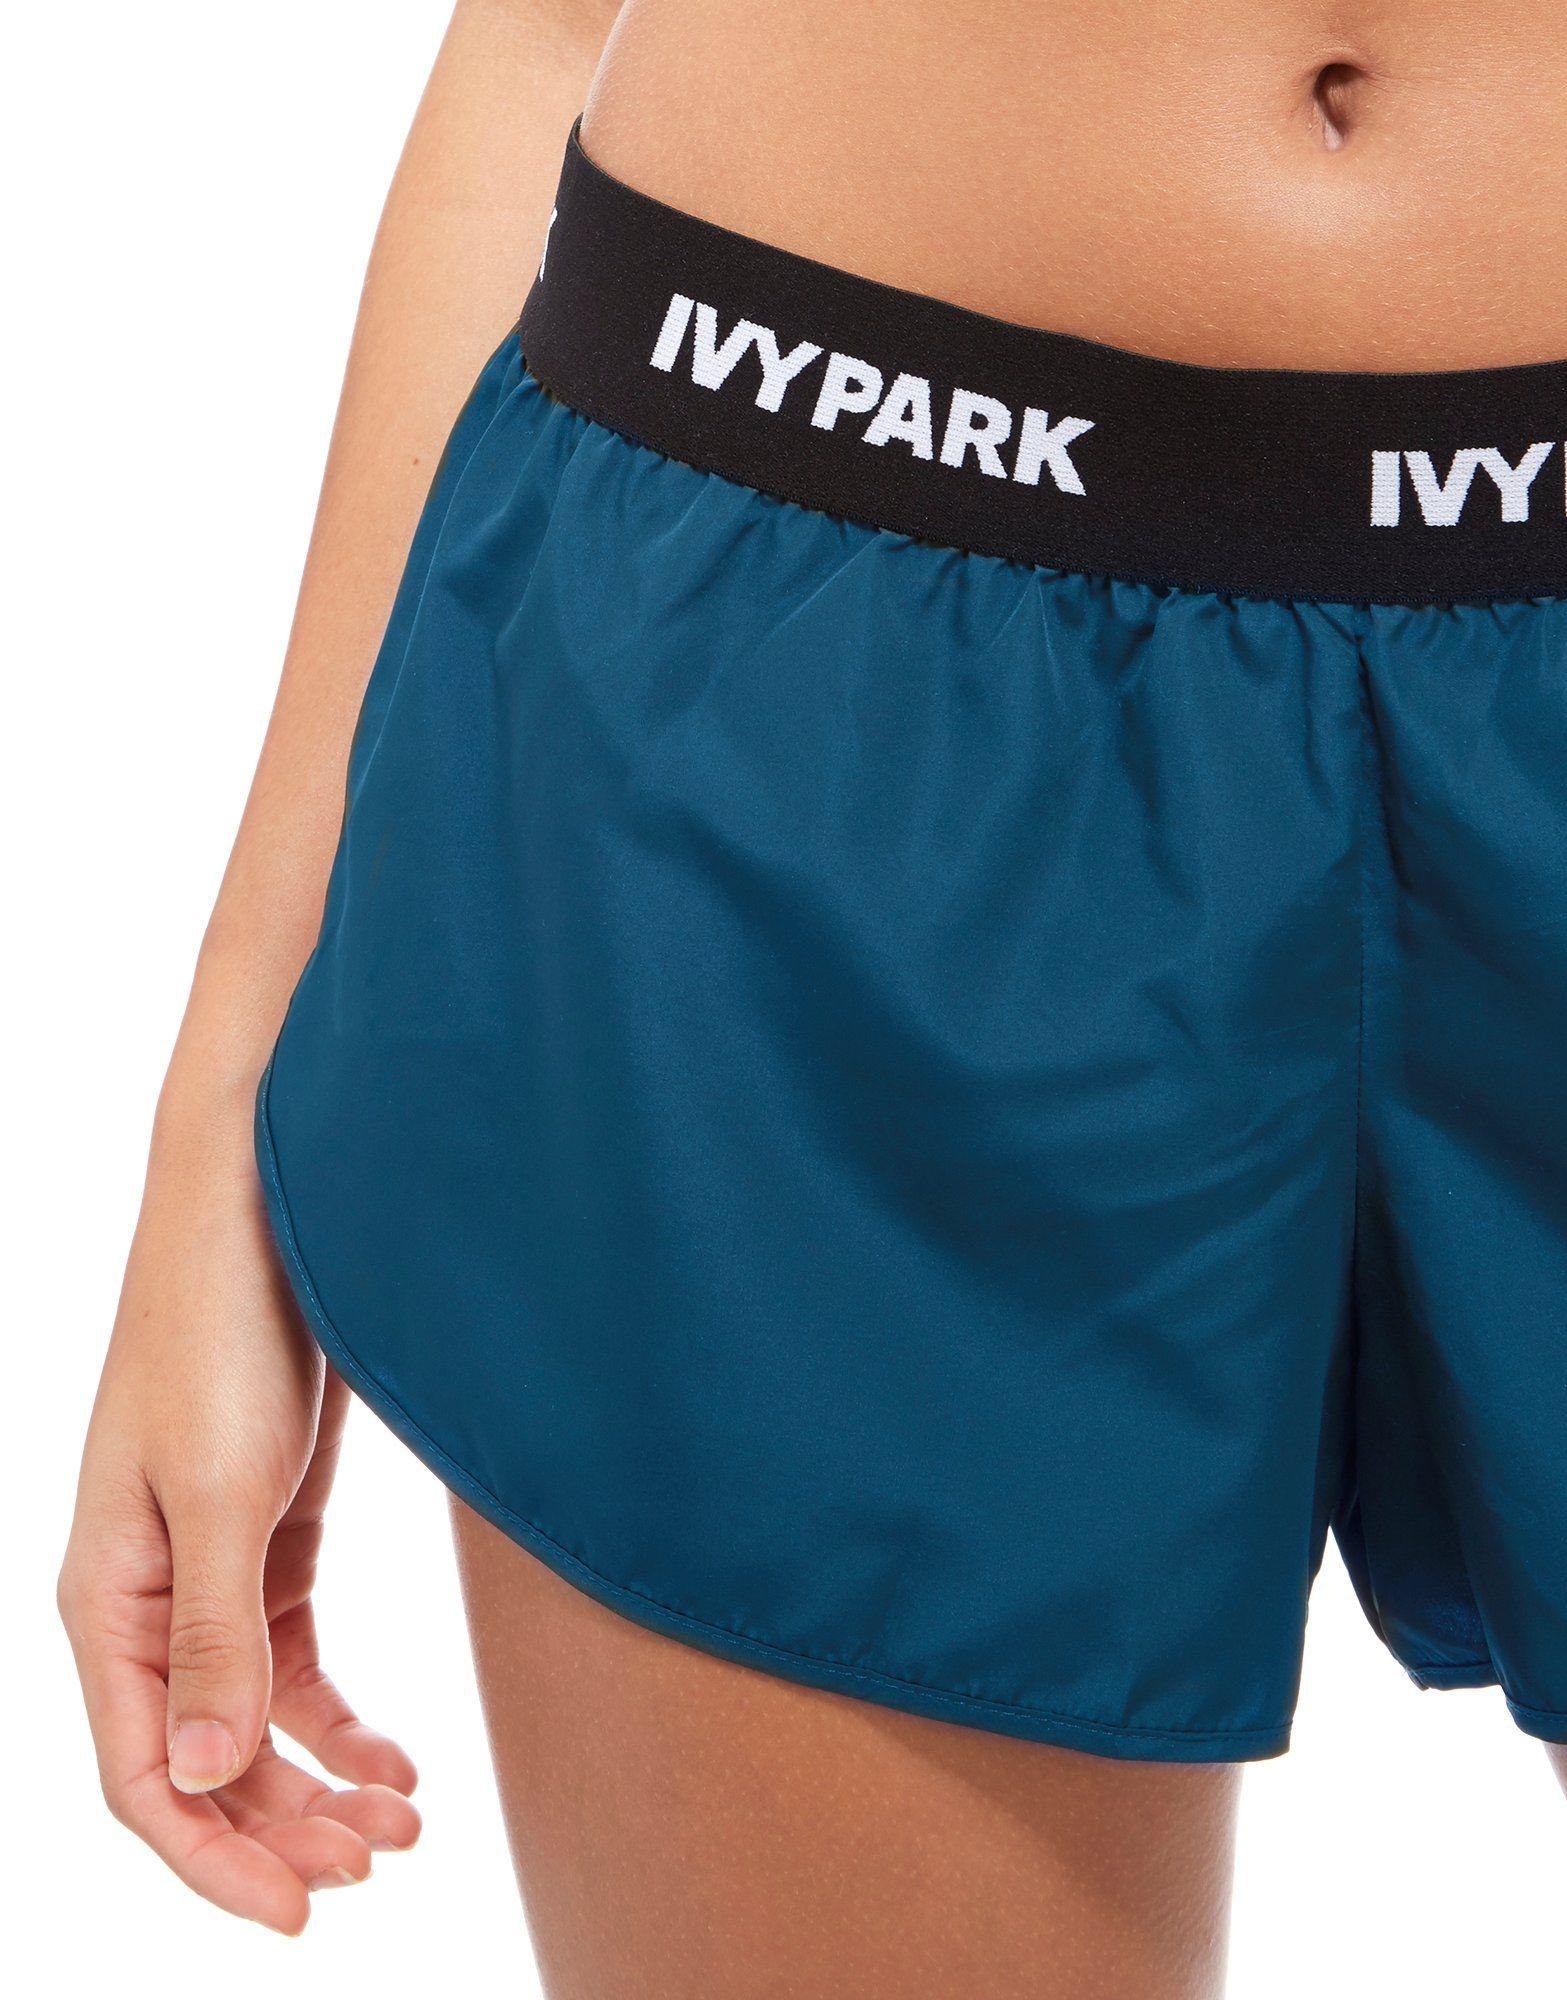 IVY PARK Runner Shorts